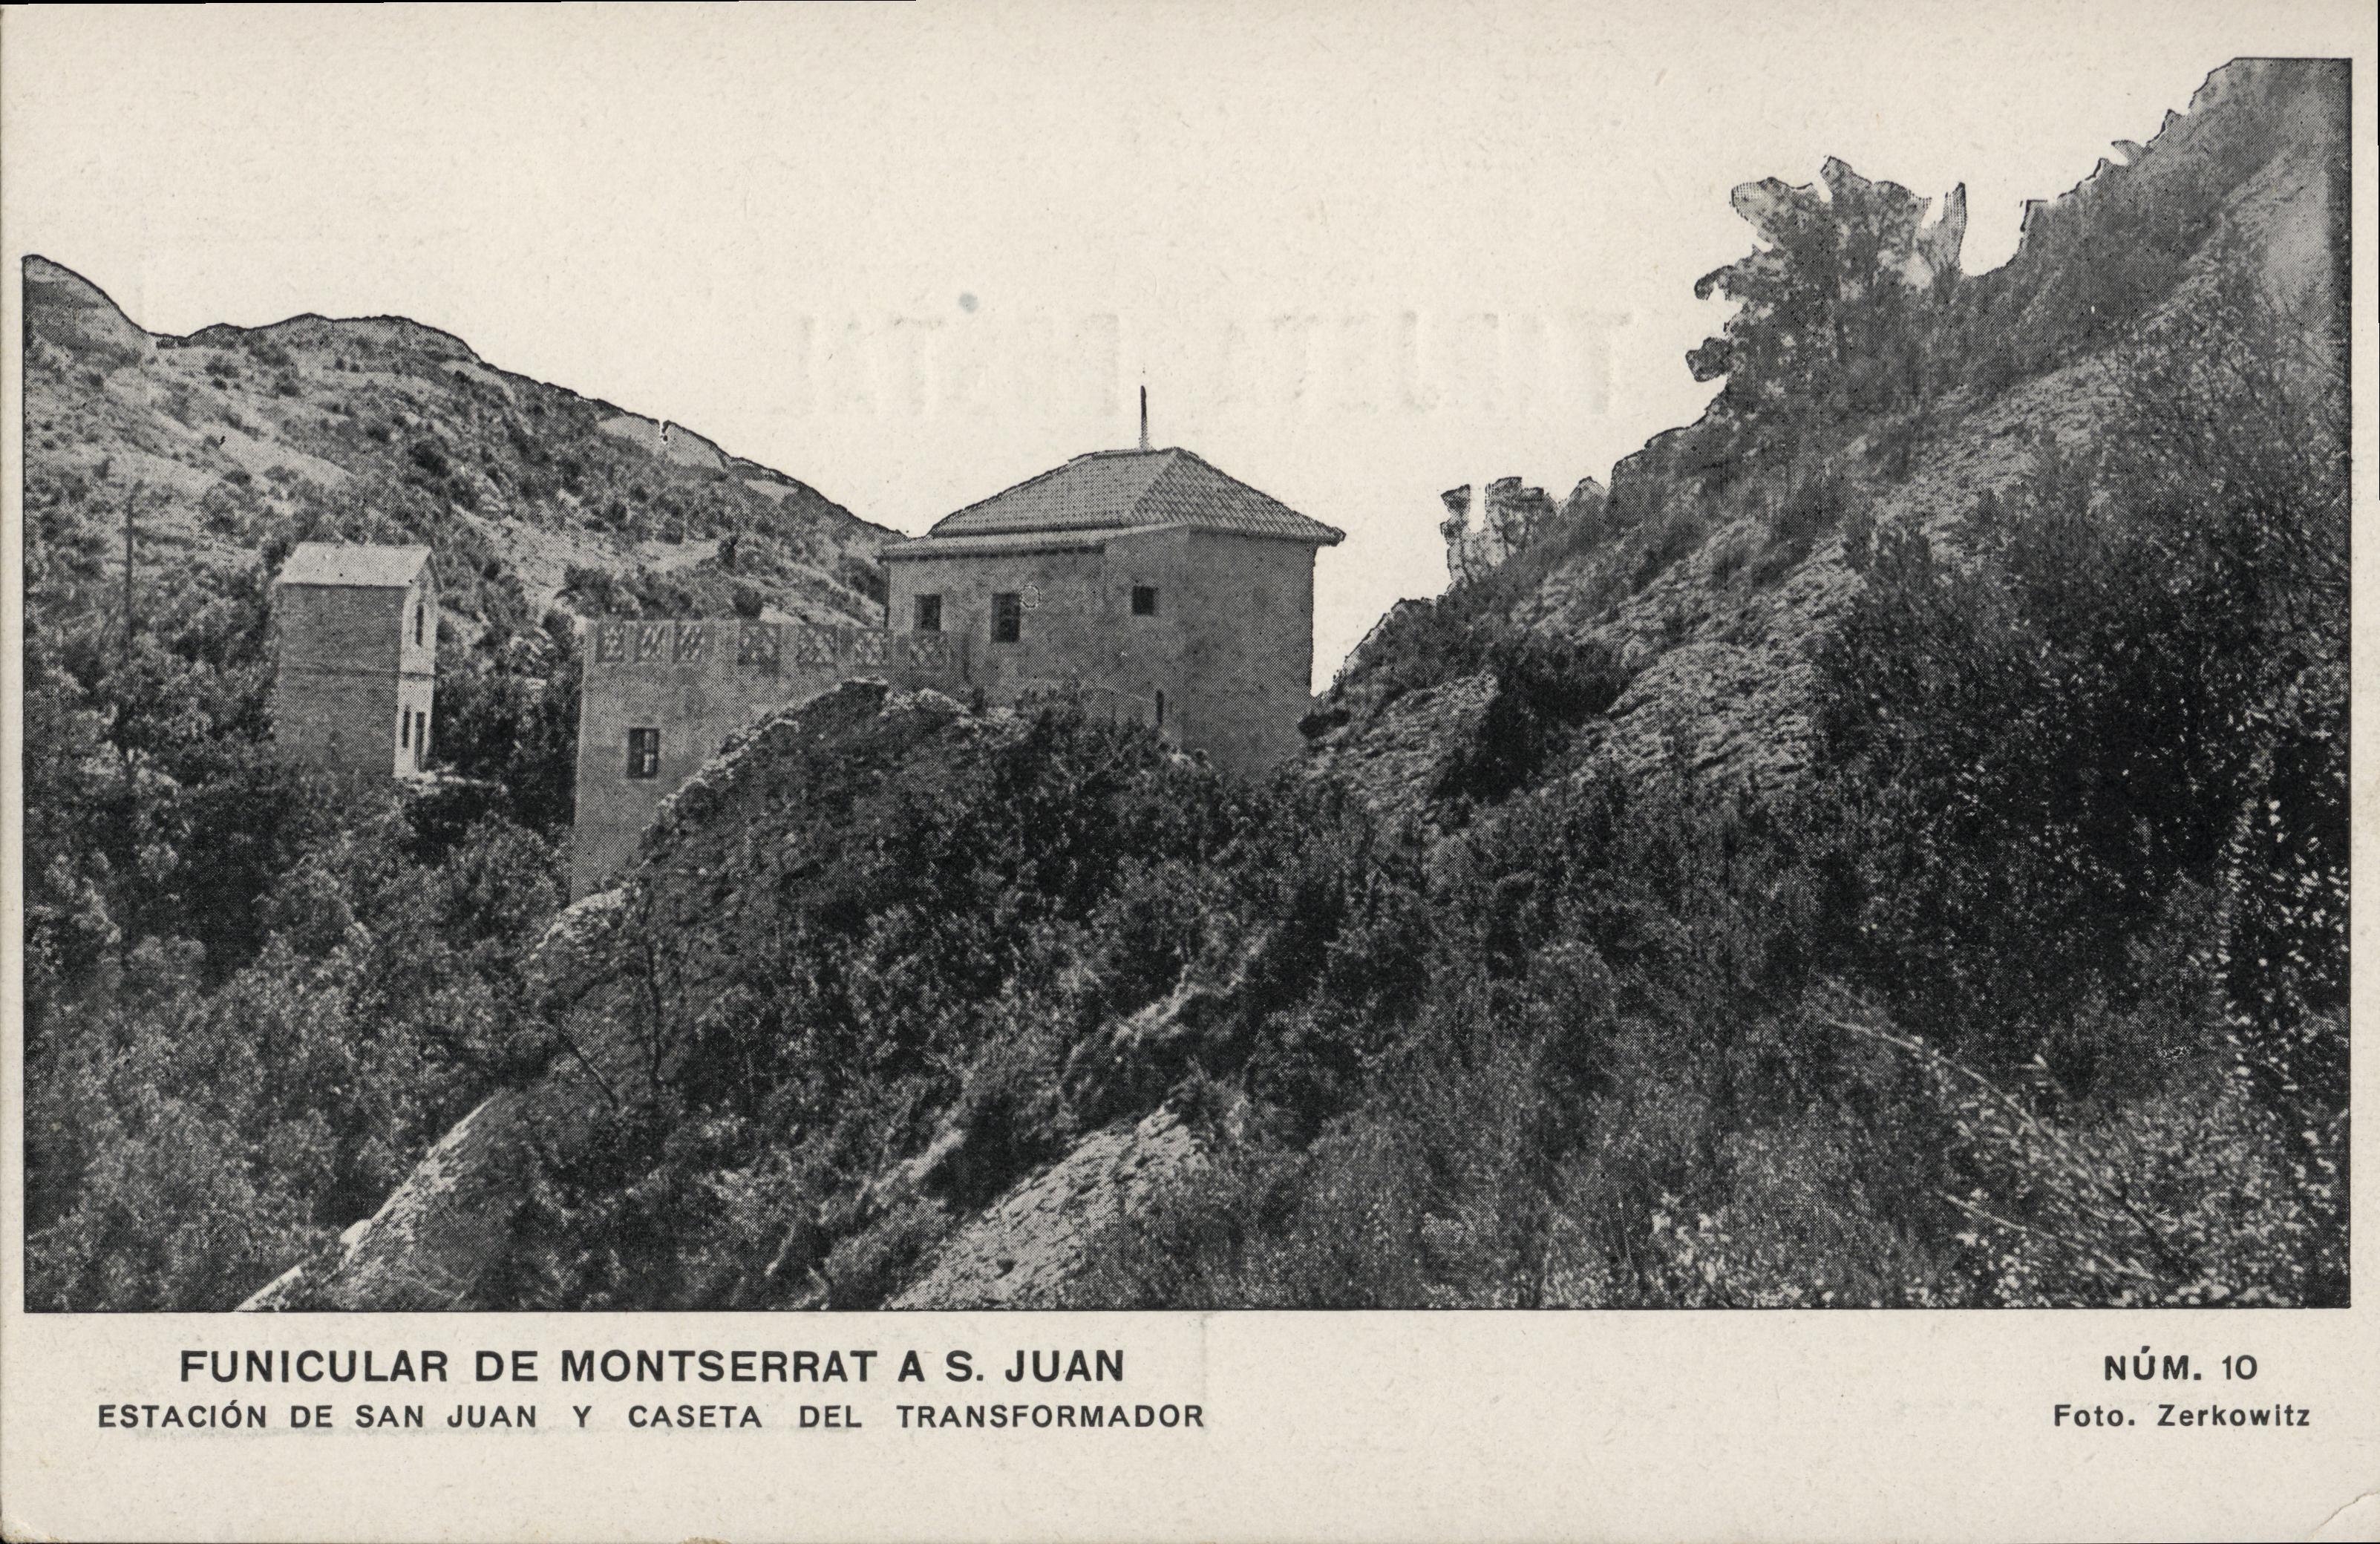 Montserrat album de postals 20101125144223255